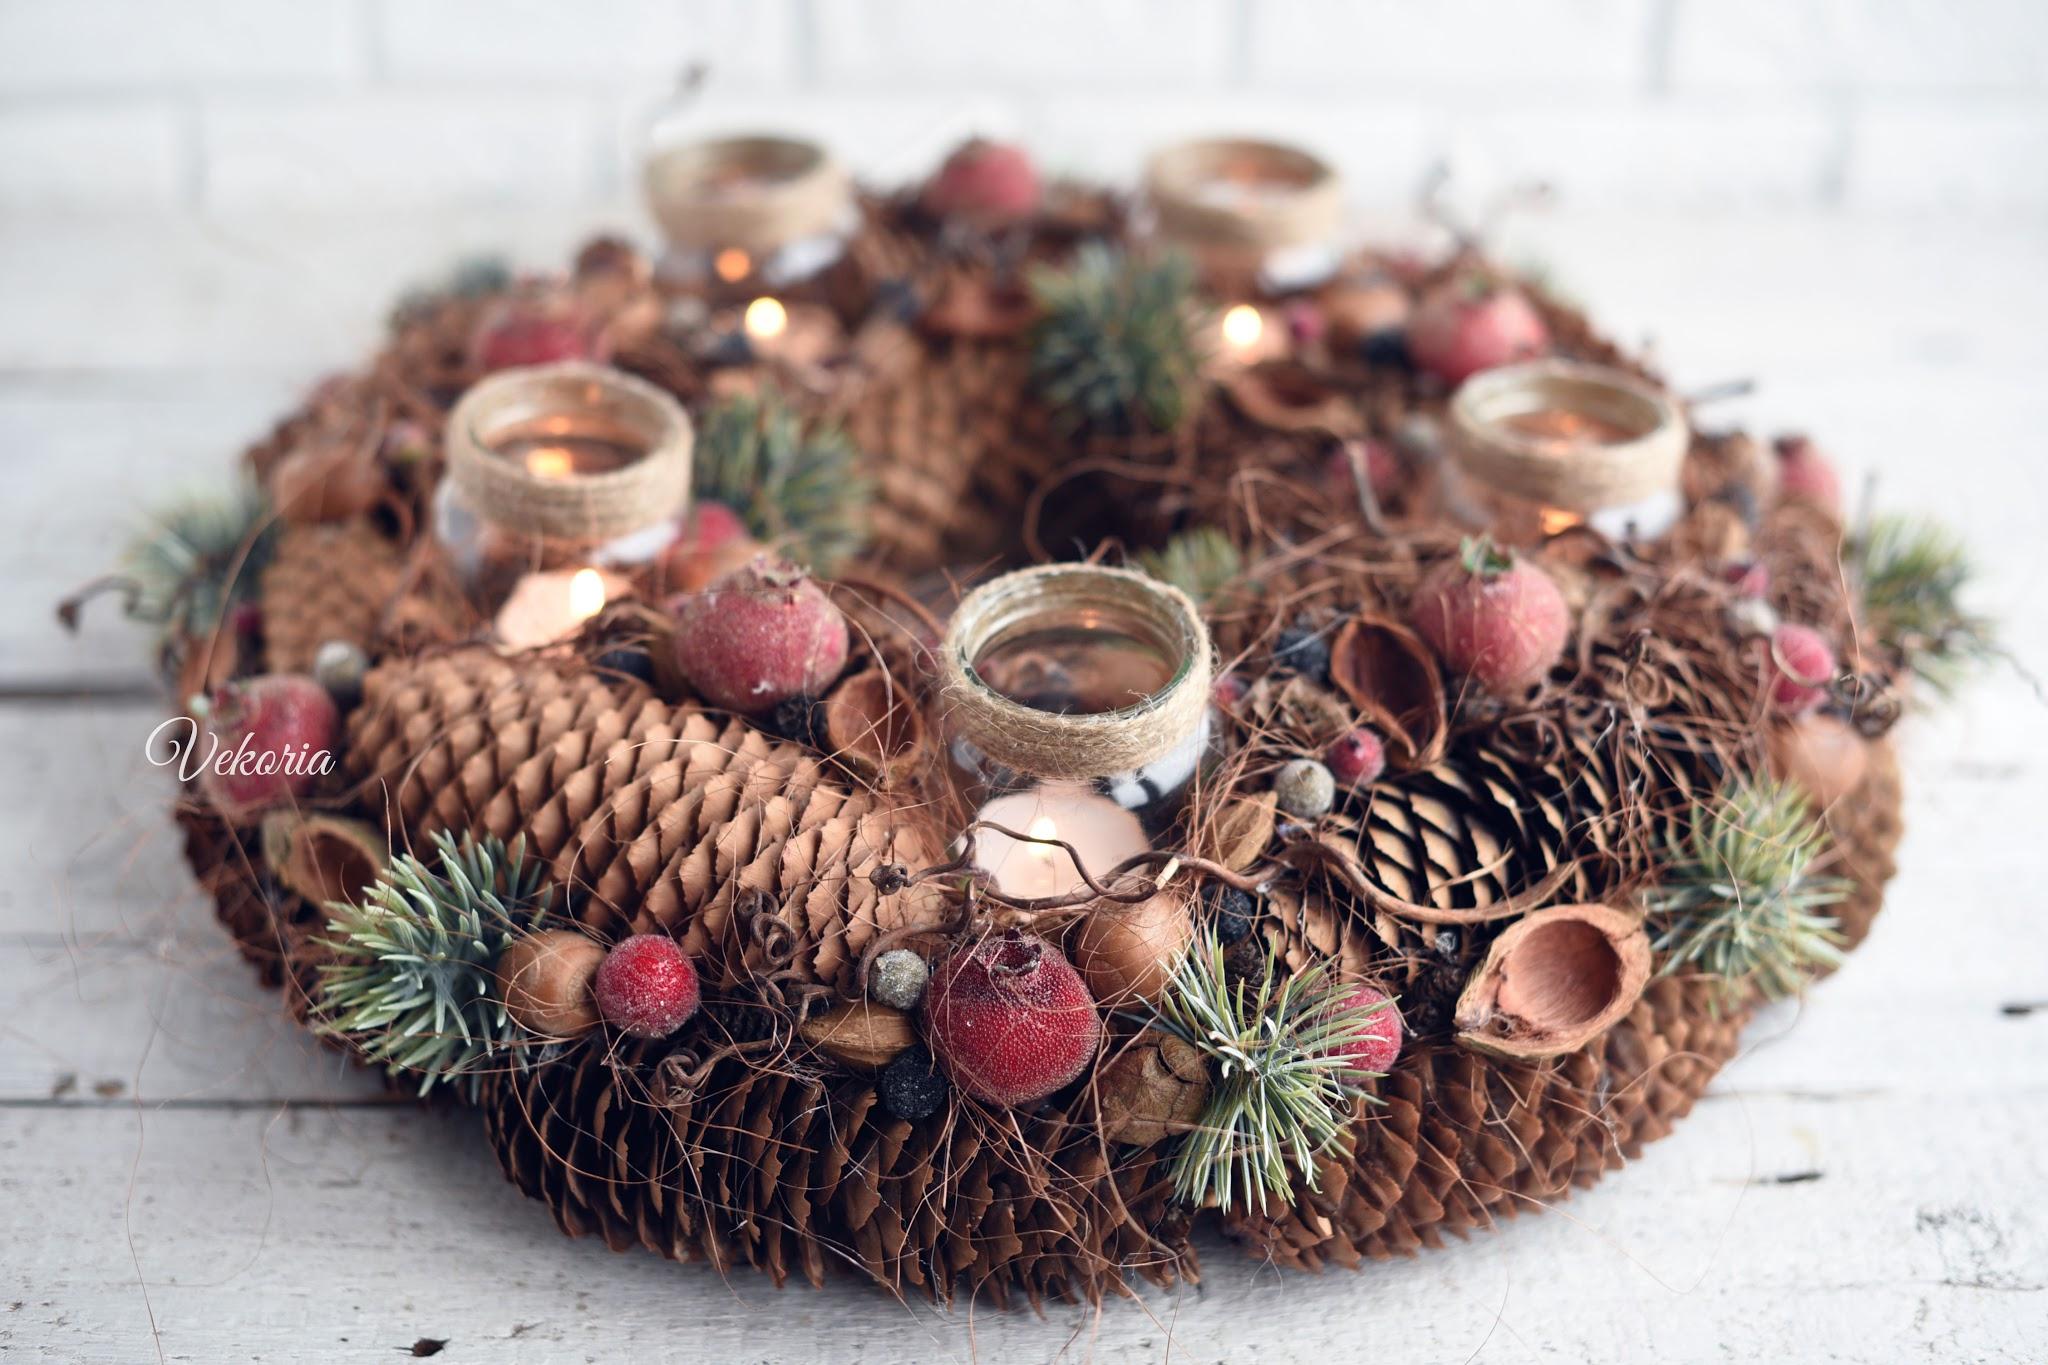 Новогодняя композиция-подсвечник из шишек